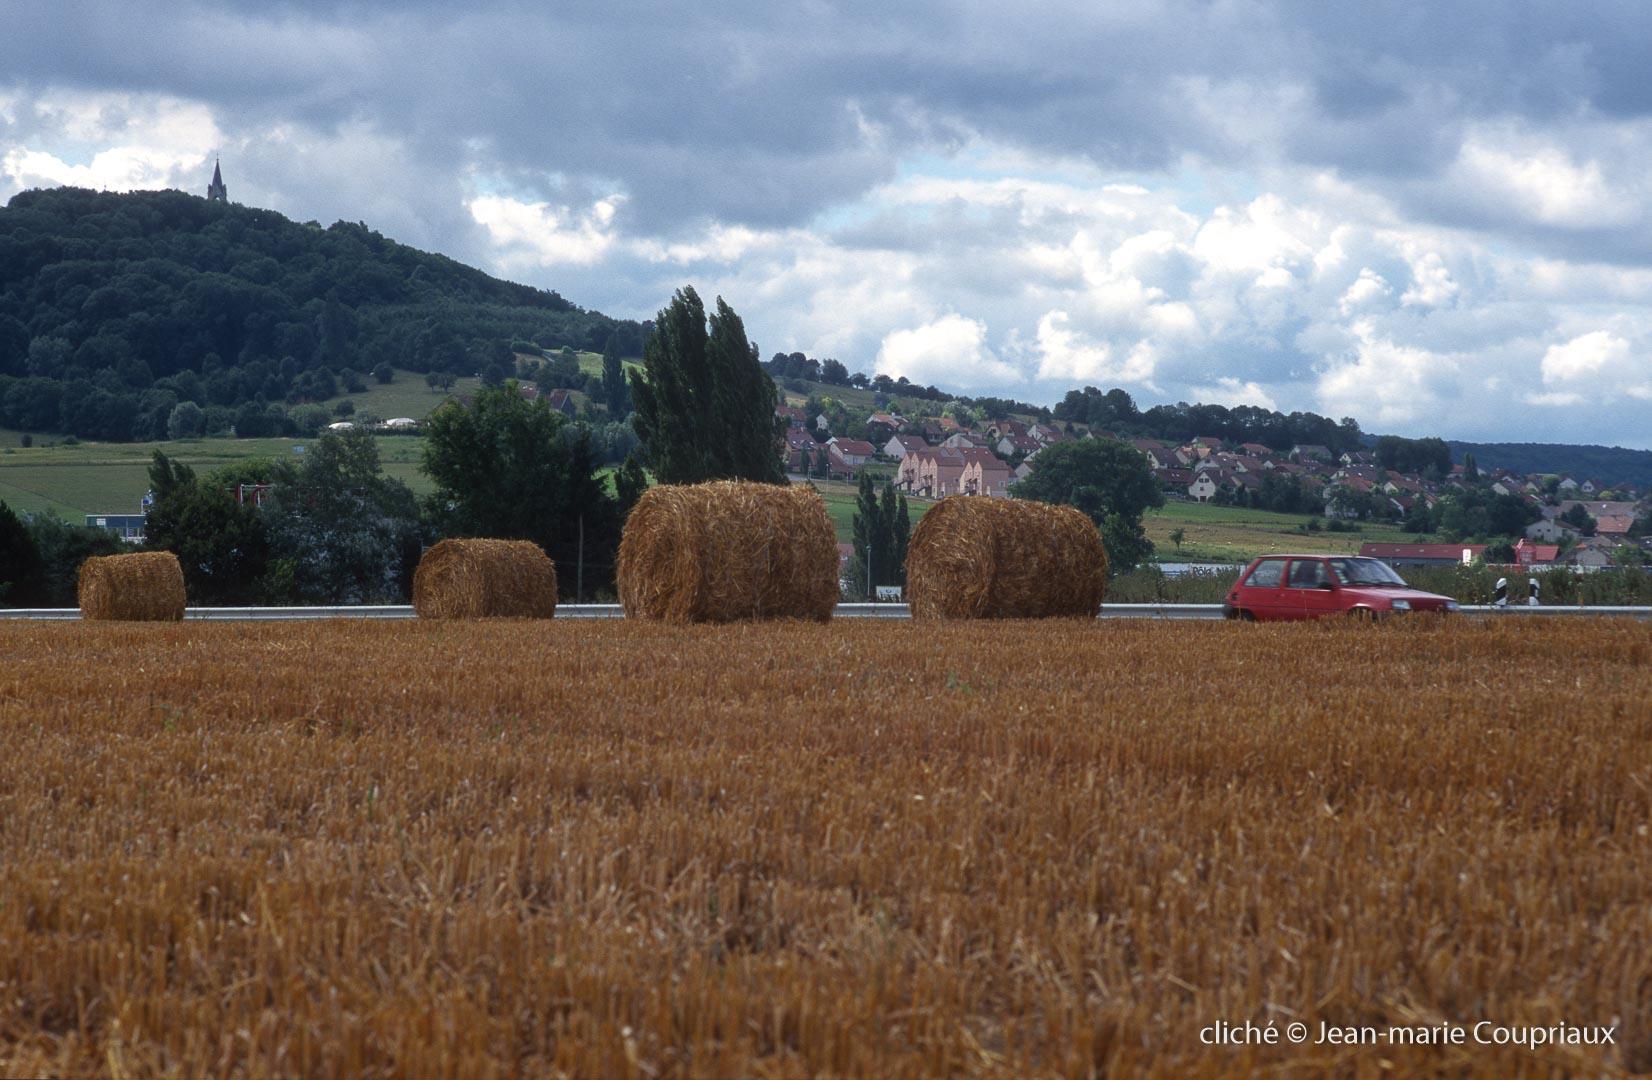 Agri_cultures-275-1